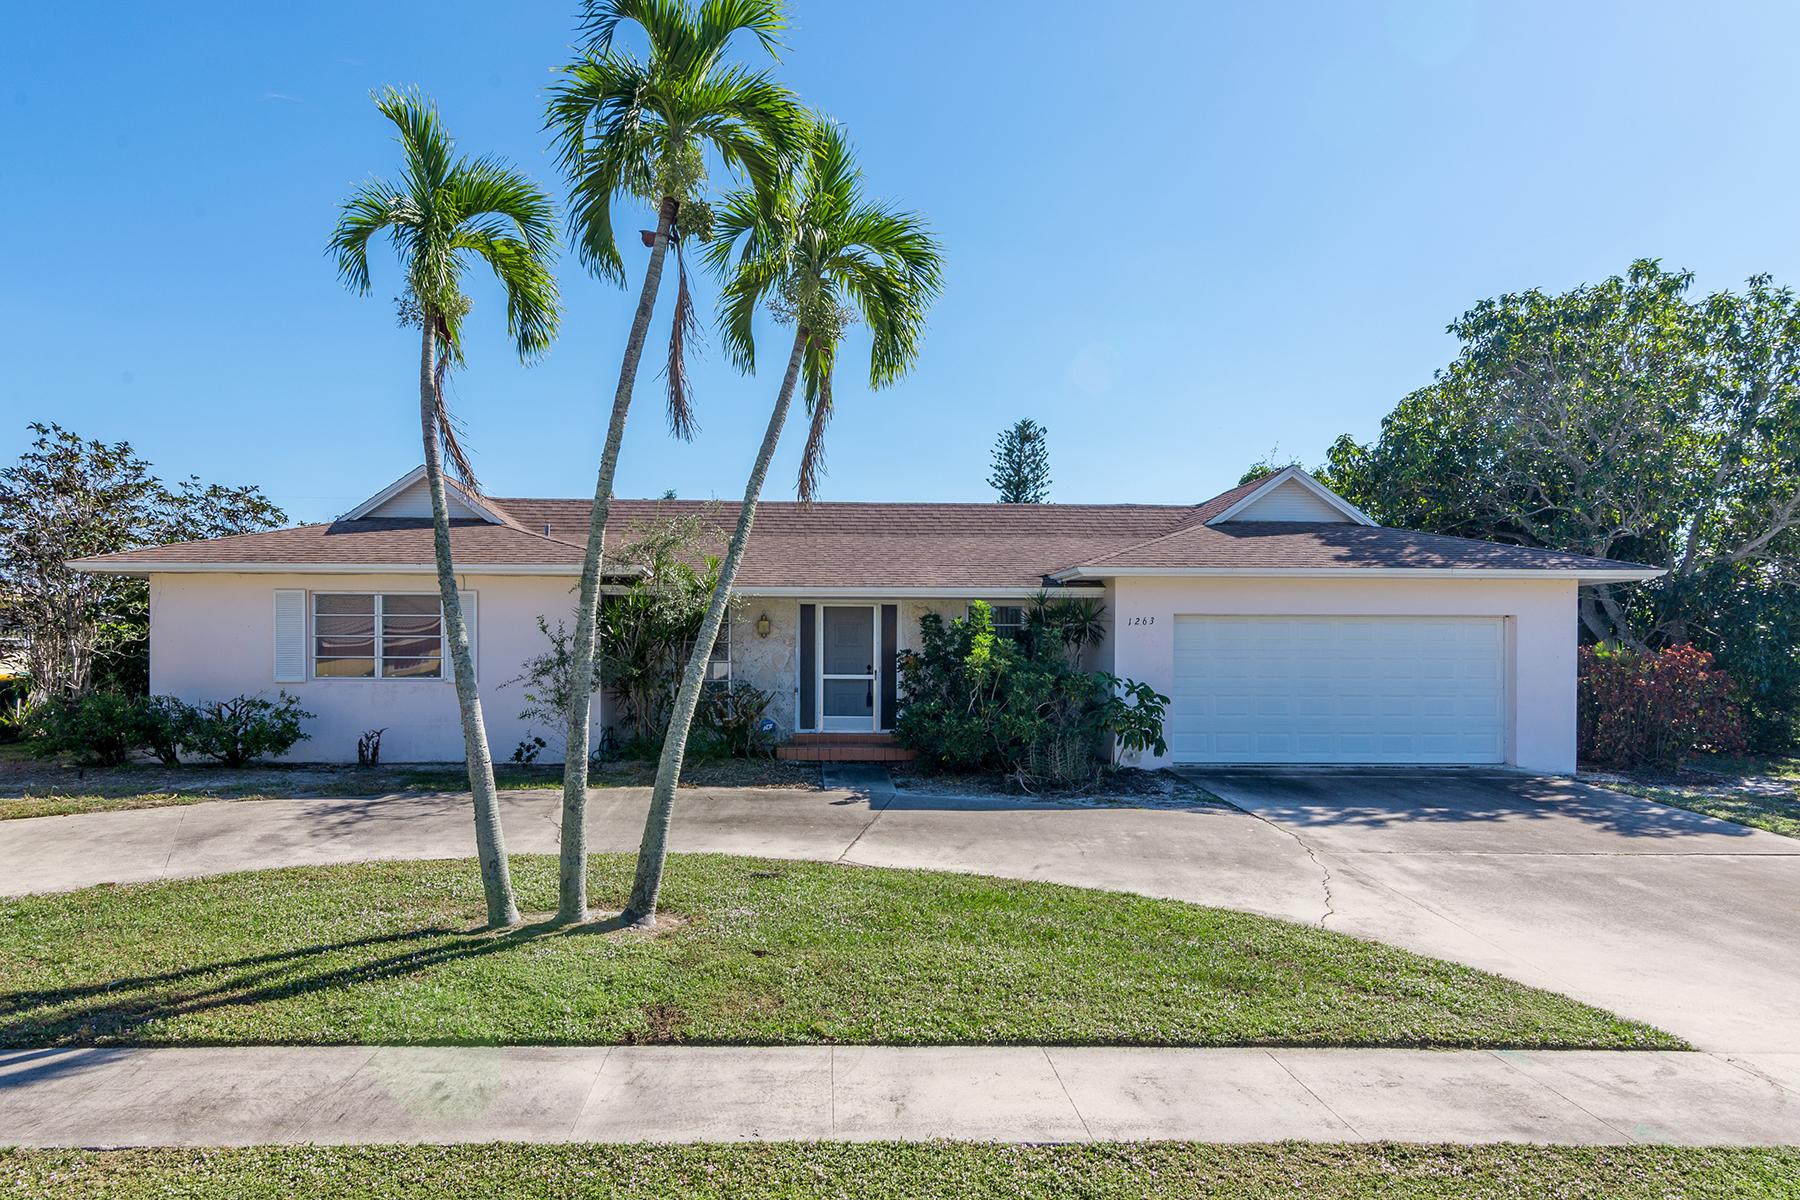 Villa per Vendita alle ore MARCO ISLAND - MULBERRY COURT 1263 Mulberry Ct Marco Island, Florida 34145 Stati Uniti